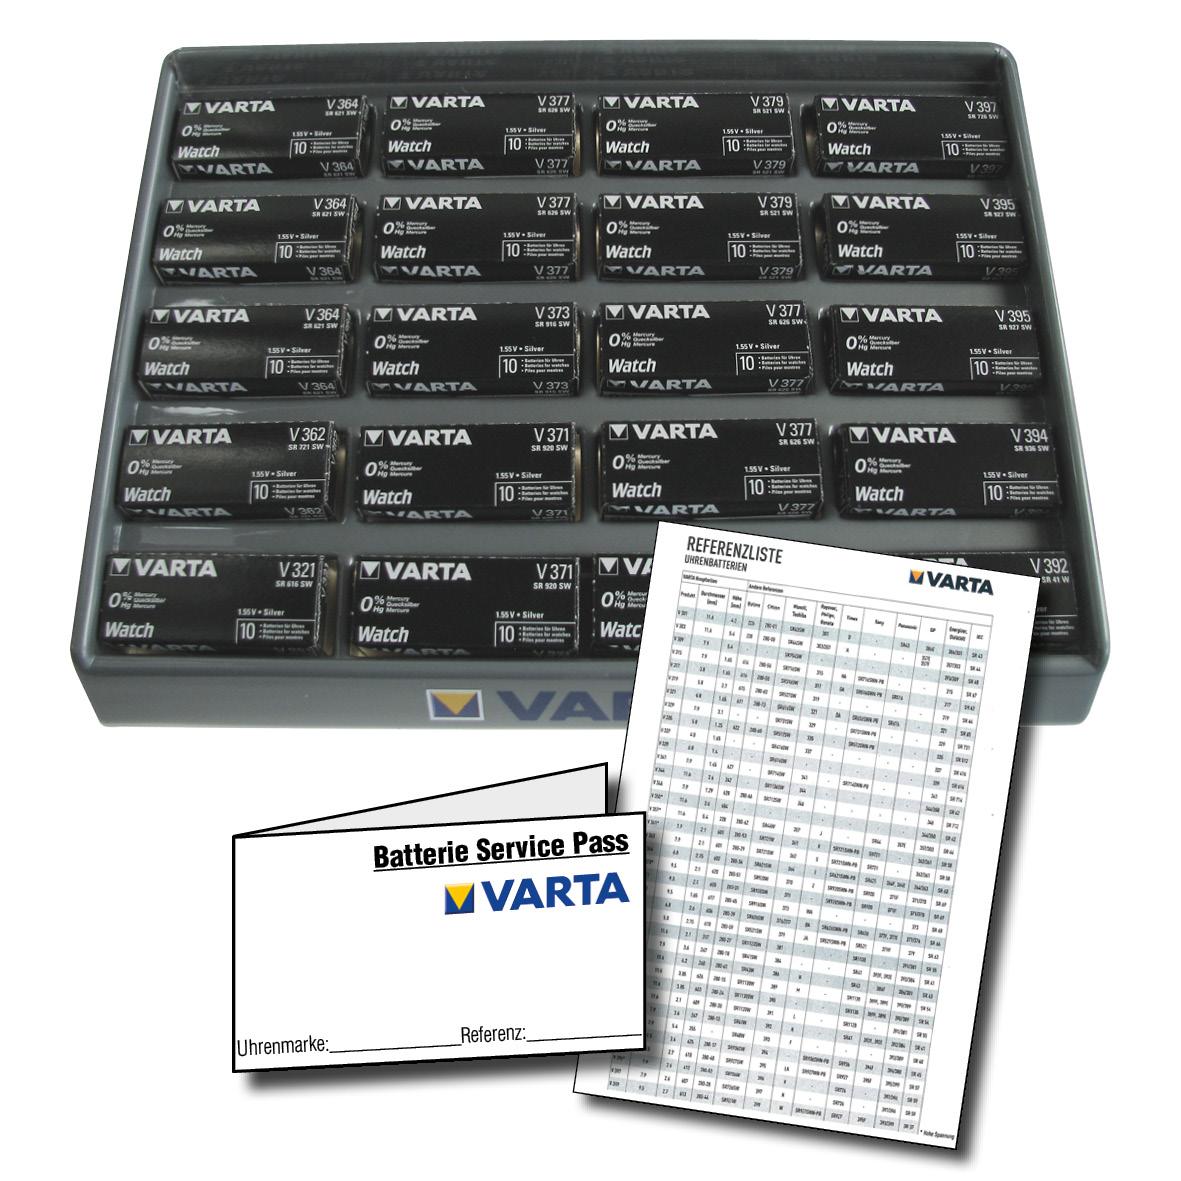 Varta Starters Pakket met 200 batterijen, Display en batterijpassen